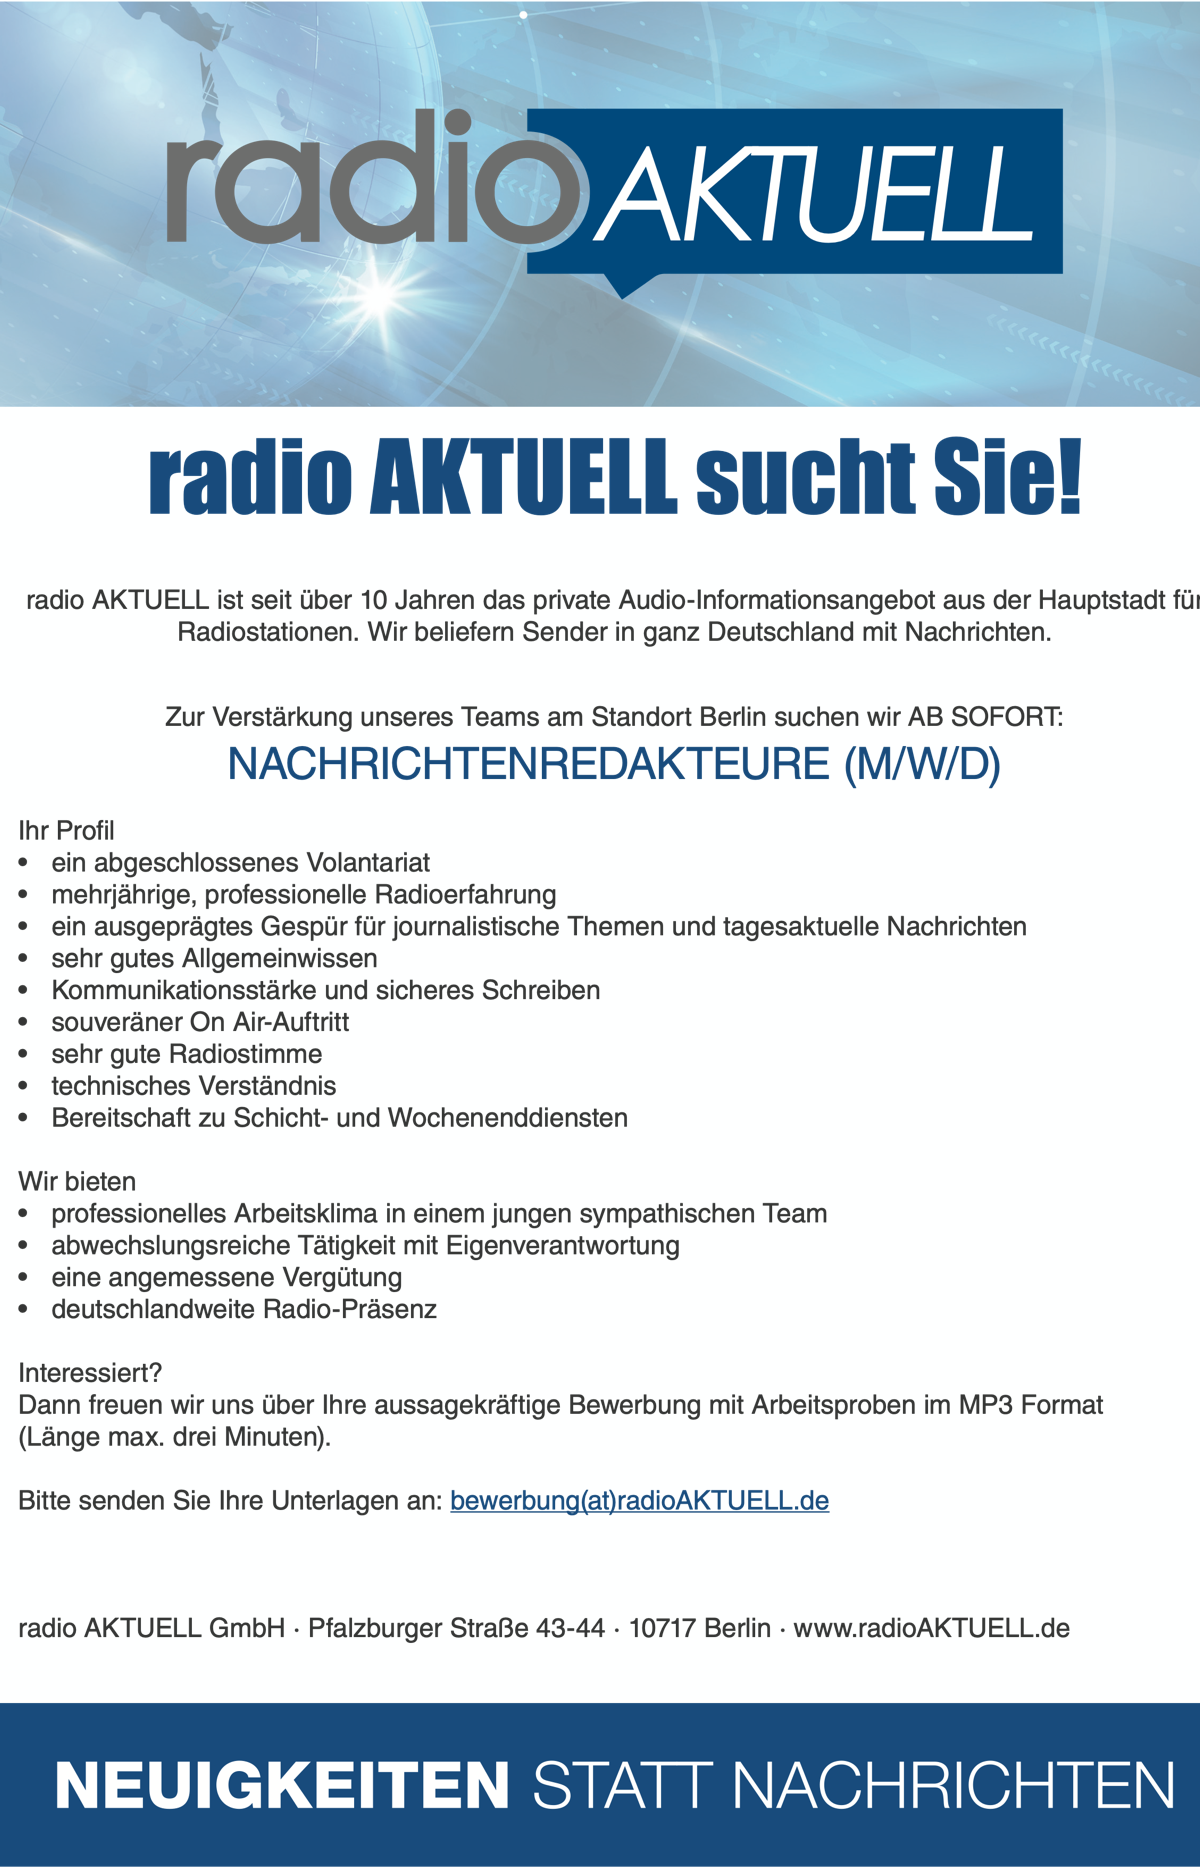 radio AKTUELL sucht Sie! radio AKTUELL ist seit über 10 Jahren das private Audio-Informationsangebot aus der Hauptstadt für Radiostationen. Wir beliefern Sender in ganz Deutschland mit Nachrichten. Zur Verstärkung unseres Teams am Standort Berlin suchen wir AB SOFORT: NACHRICHTENREDAKTEURE (M/W/D) Ihr Profil • ein abgeschlossenes Volantariat • mehrjährige, professionelle Radioerfahrung • ein ausgeprägtes Gespür für journalistische Themen und tagesaktuelle Nachrichten • sehr gutes Allgemeinwissen • Kommunikationsstärke und sicheres Schreiben • souveräner On Air-Auftritt • sehr gute Radiostimme • technisches Verständnis • Bereitschaft zu Schicht- und Wochenenddiensten Wir bieten • professionelles Arbeitsklima in einem jungen sympathischen Team • abwechslungsreiche Tätigkeit mit Eigenverantwortung • eine angemessene Vergütung • deutschlandweite Radio-Präsenz Interessiert? Dann freuen wir uns über Ihre aussagekräftige Bewerbung mit Arbeitsproben im MP3 Format (Länge max. drei Minuten). Bitte senden Sie Ihre Unterlagen an: bewerbung(at)radioAKTUELL.de radio AKTUELL GmbH · Pfalzburger Straße 43-44 · 10717 Berlin · www.radioAKTUELL.de